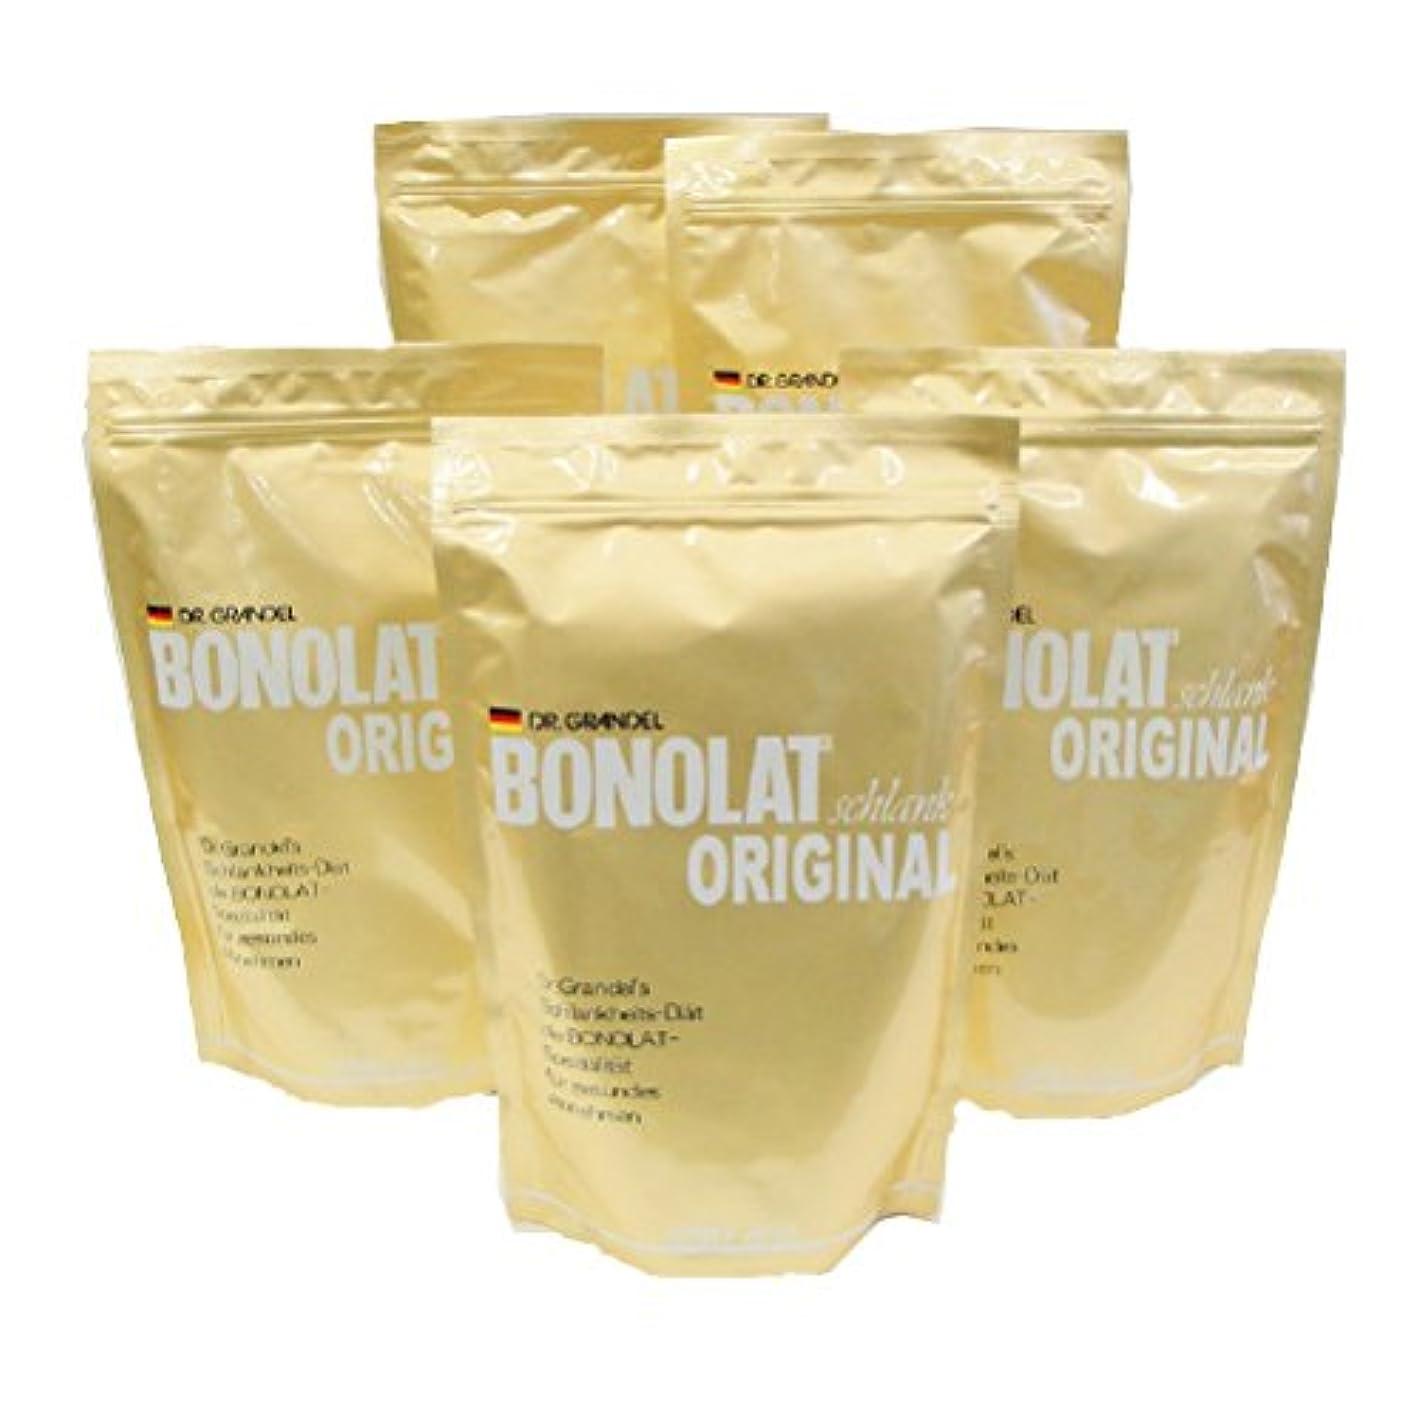 贅沢な寄生虫メガロポリスボノラート 600g×5袋セット(30g×100杯)無添加 乳プロテイン 置き換え シェイク